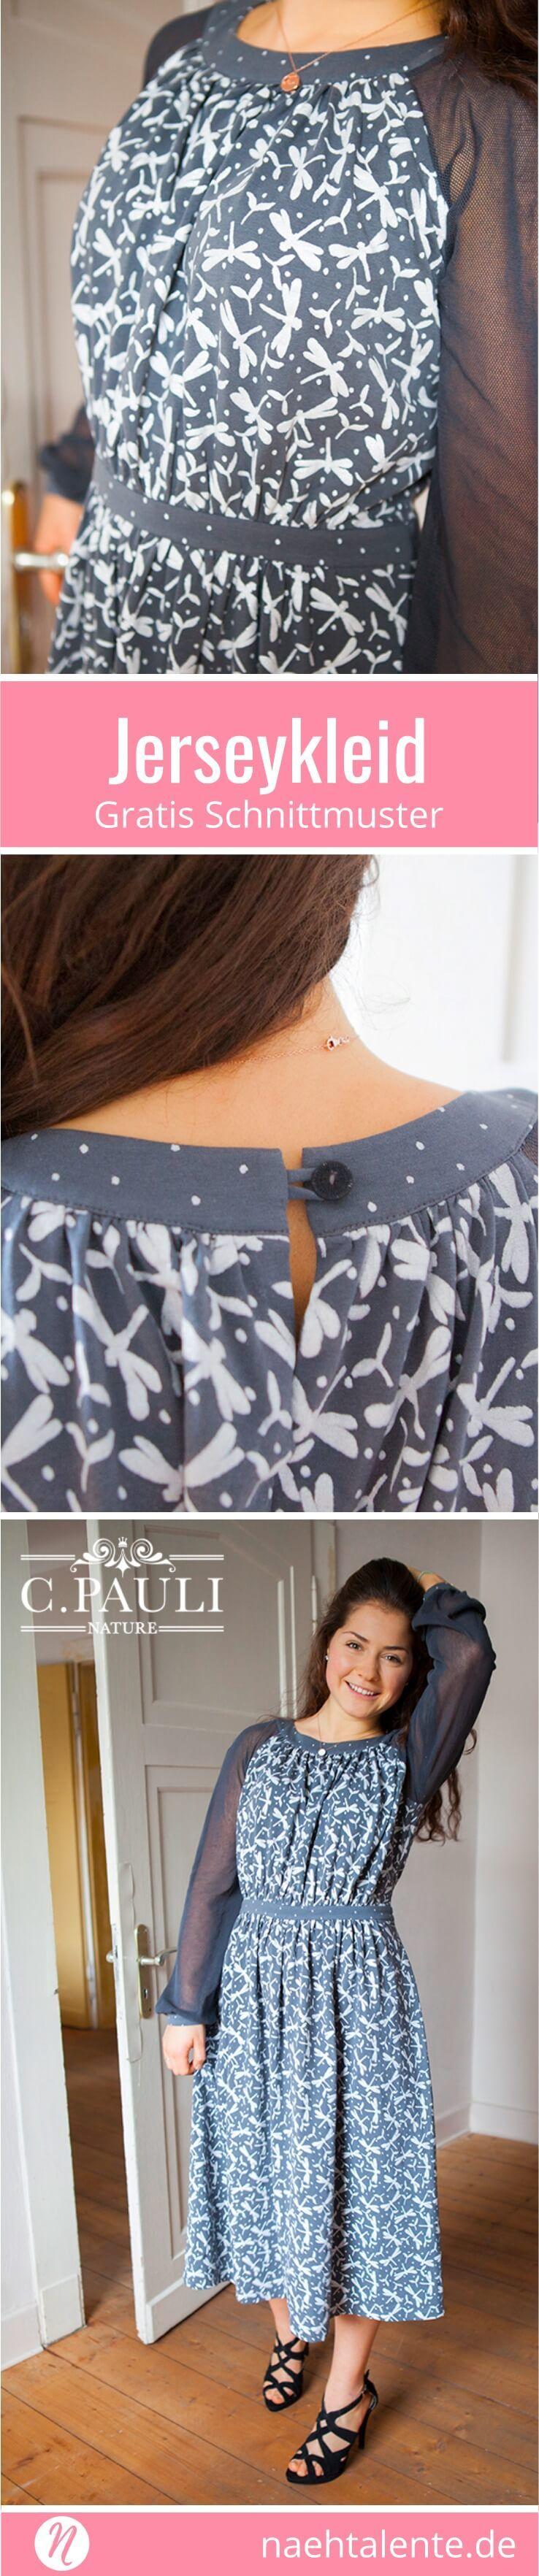 Jerseykleid Damen - verspieltes Kleid mit Tüllärmeln | Pinterest ...